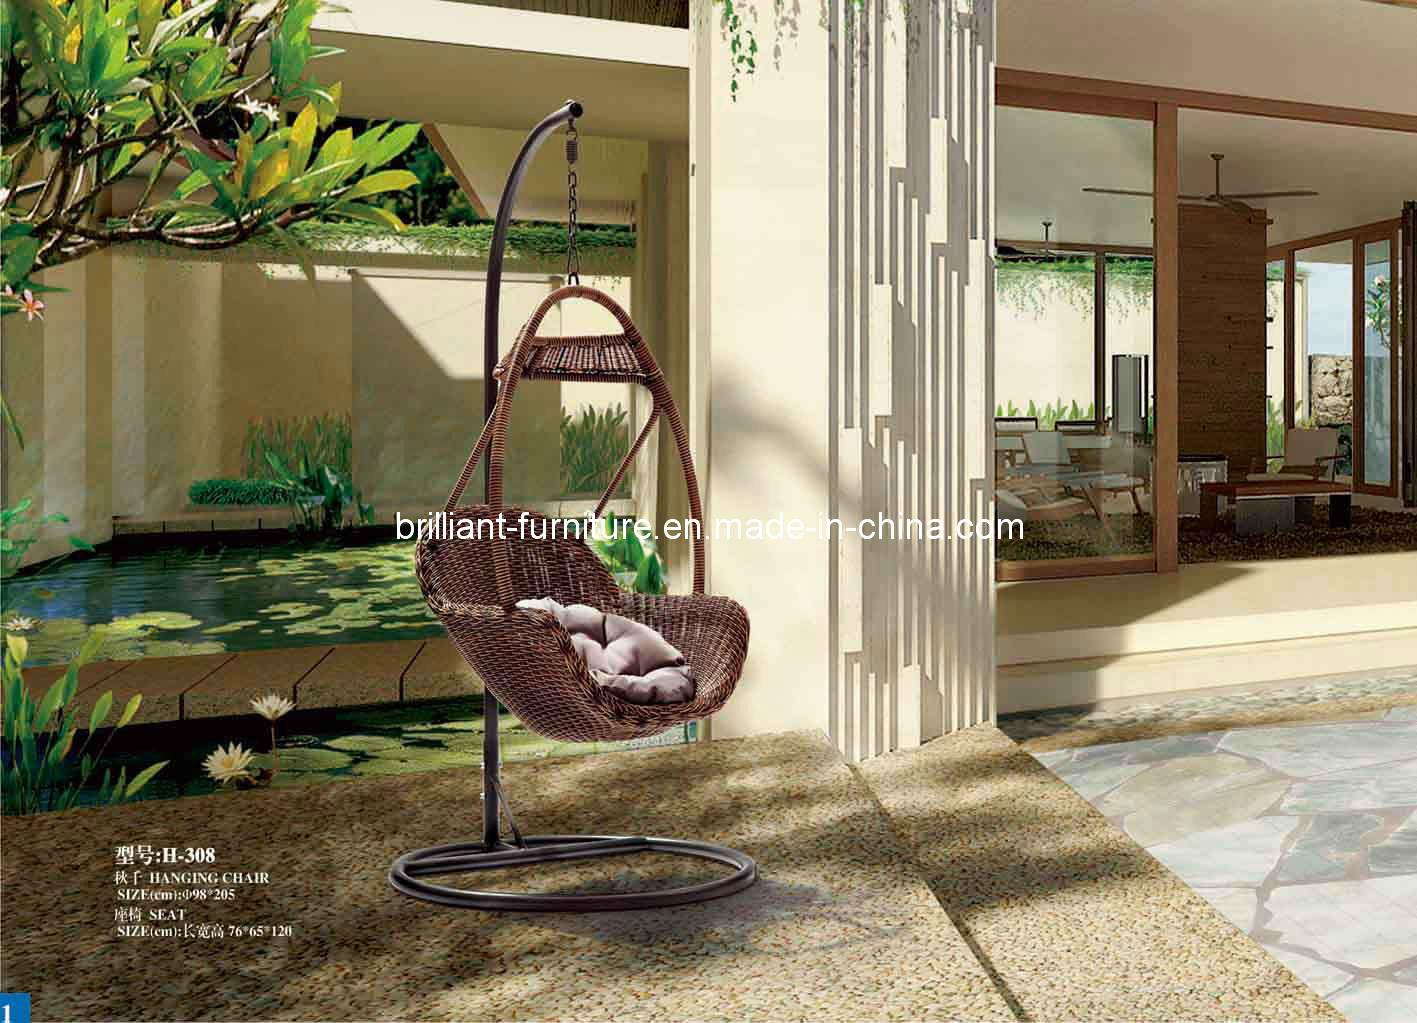 Muebles colgantes h 308 de la cesta del ocio muebles for Ocio muebles